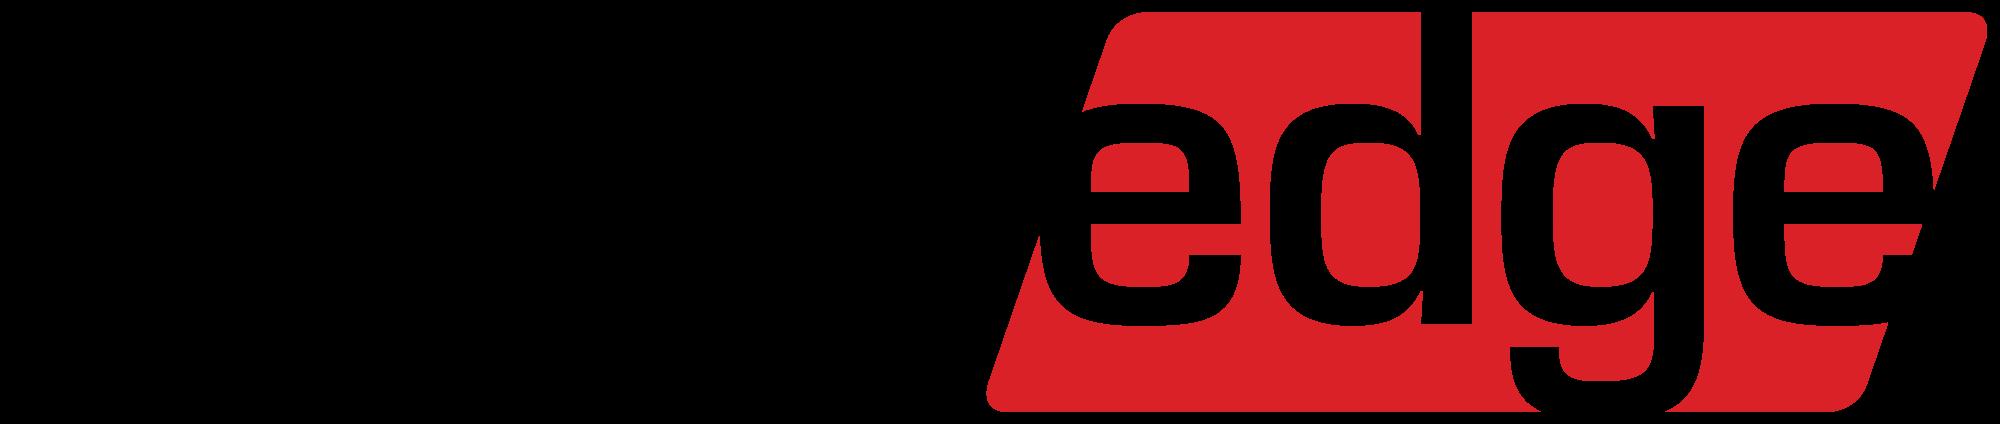 Europrogetti 2000 - Solar Edge